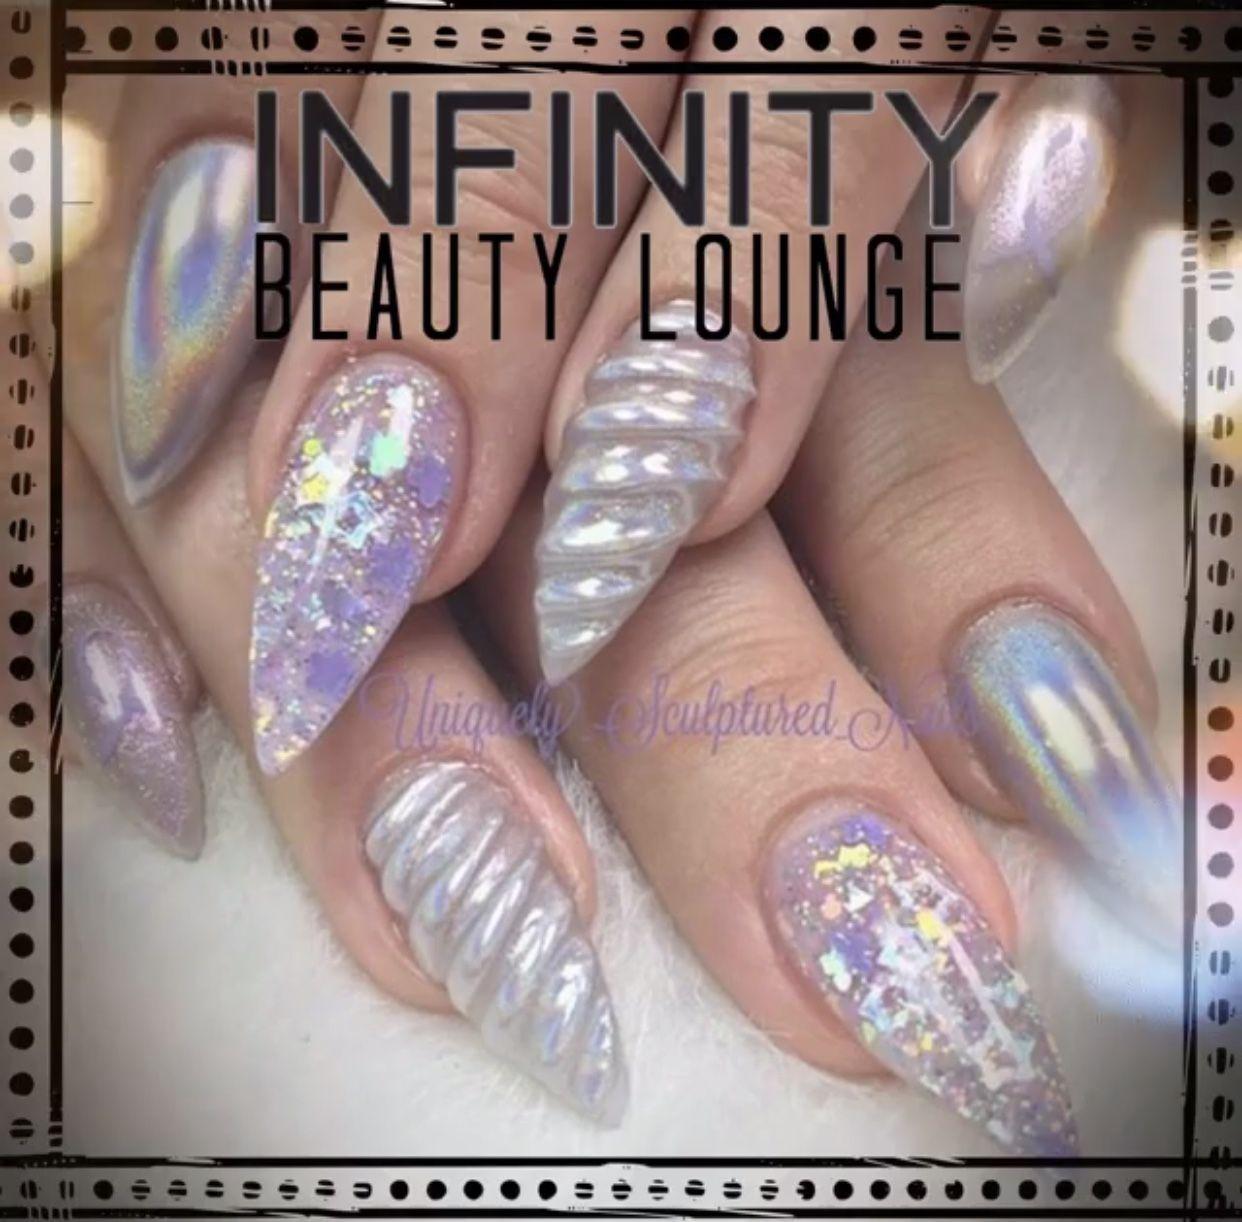 Infinity Beauty Jax 904 274 9333 Located At 3864 San Jose Park Dr Jax Fl 32217 Full Hair Nail Salon Hair And Nail Salon Graduation Nails Sculptured Nails